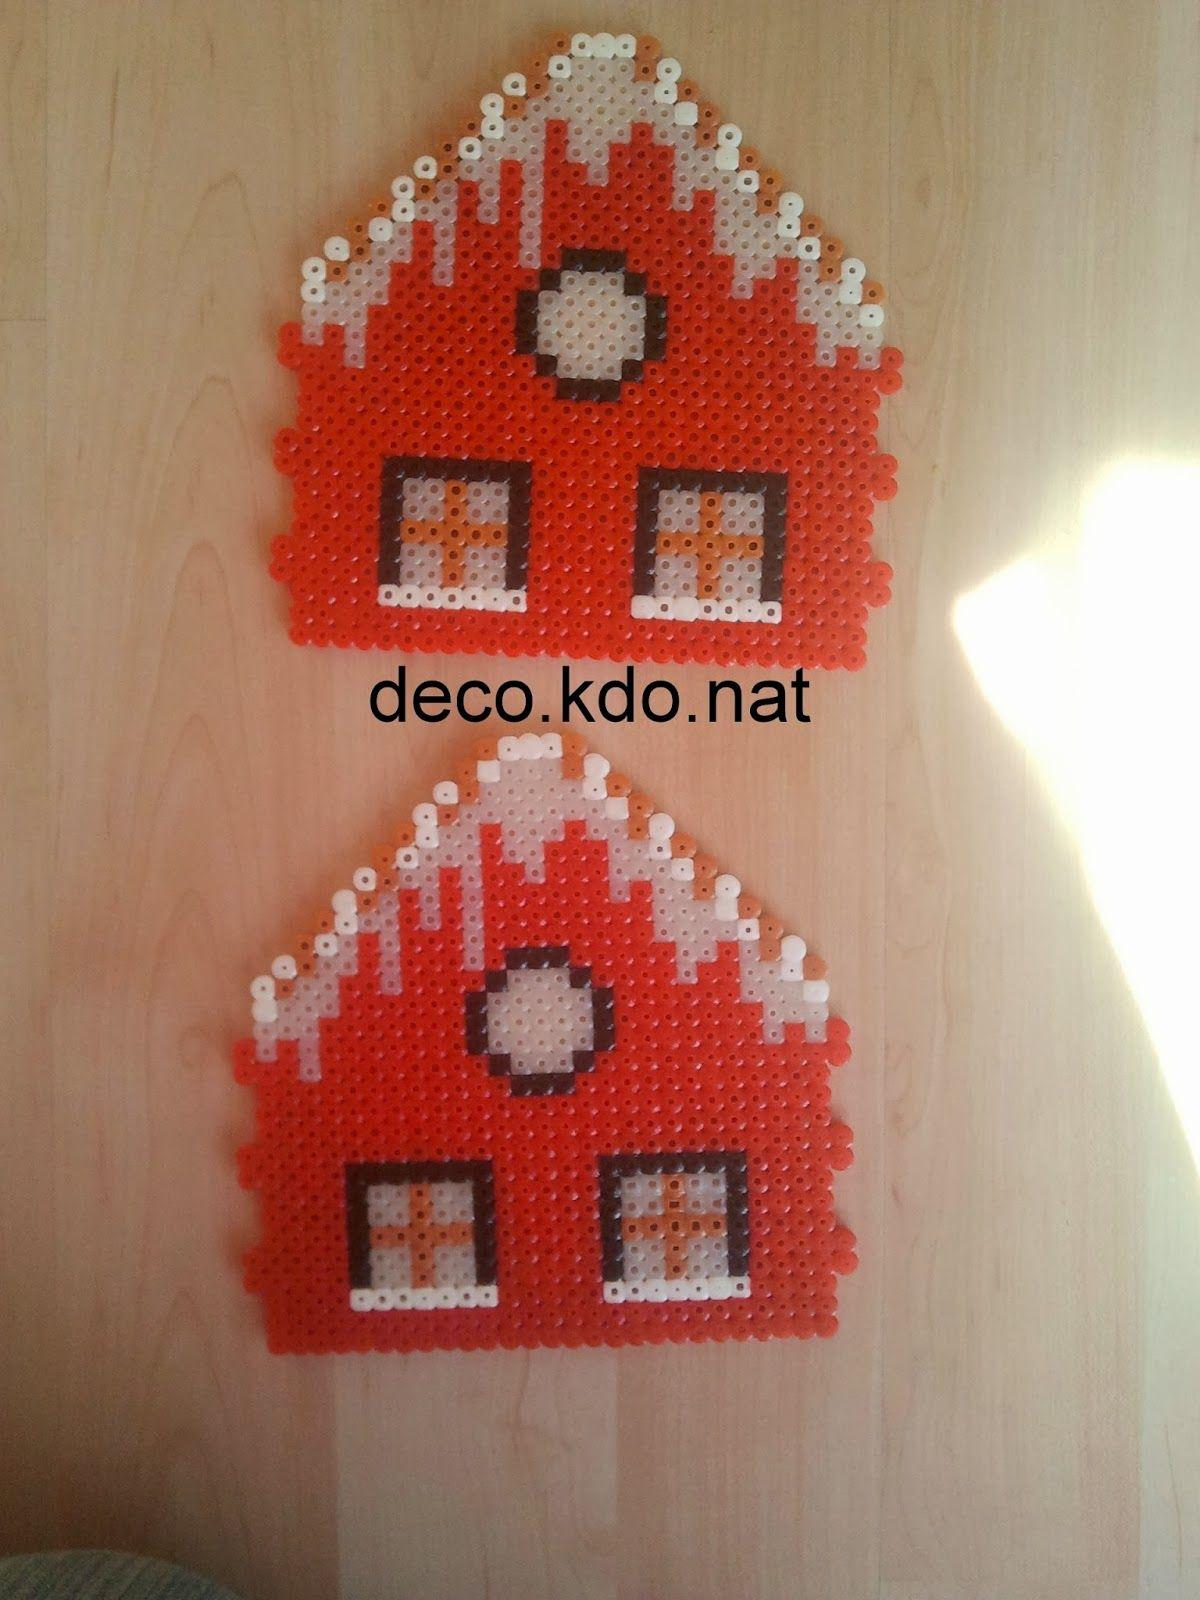 deco kdo nat perles hama maison du p re no l 3d perle a repasser pinterest maison du. Black Bedroom Furniture Sets. Home Design Ideas